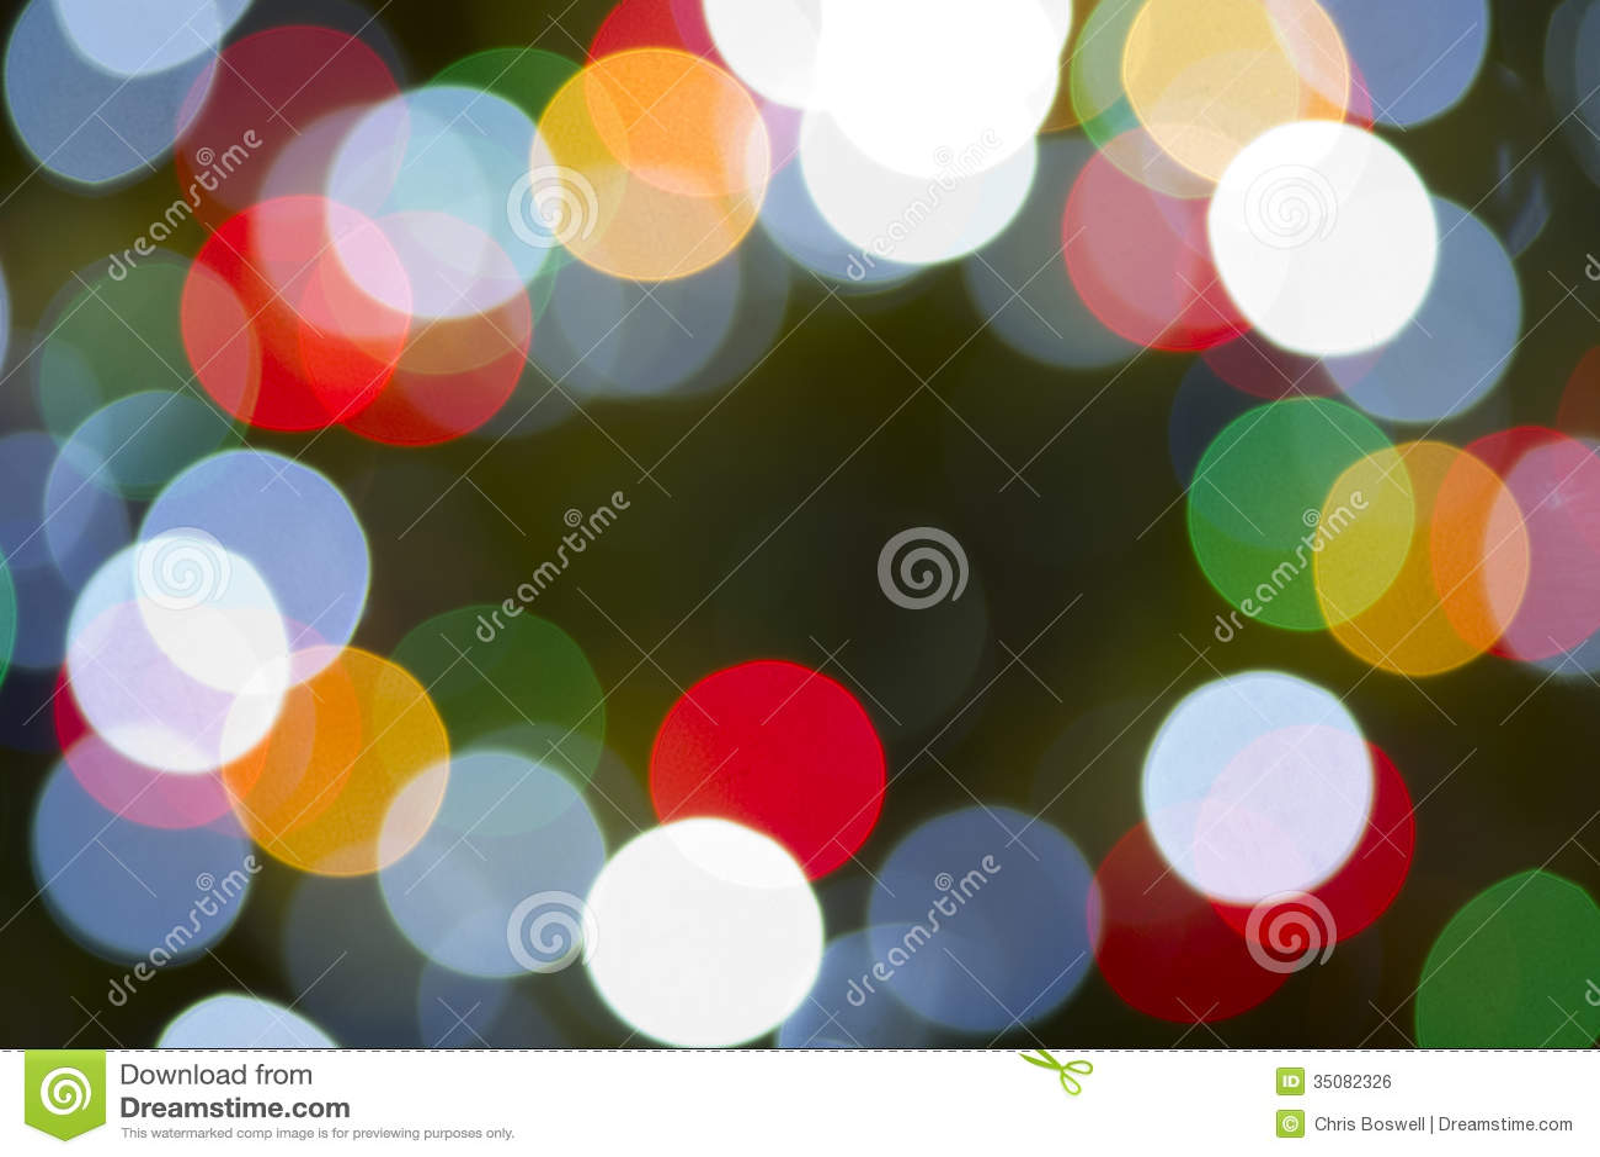 Bożonarodzeniowe Światła koloru tła Horyzontalna Kółkowa tęcza